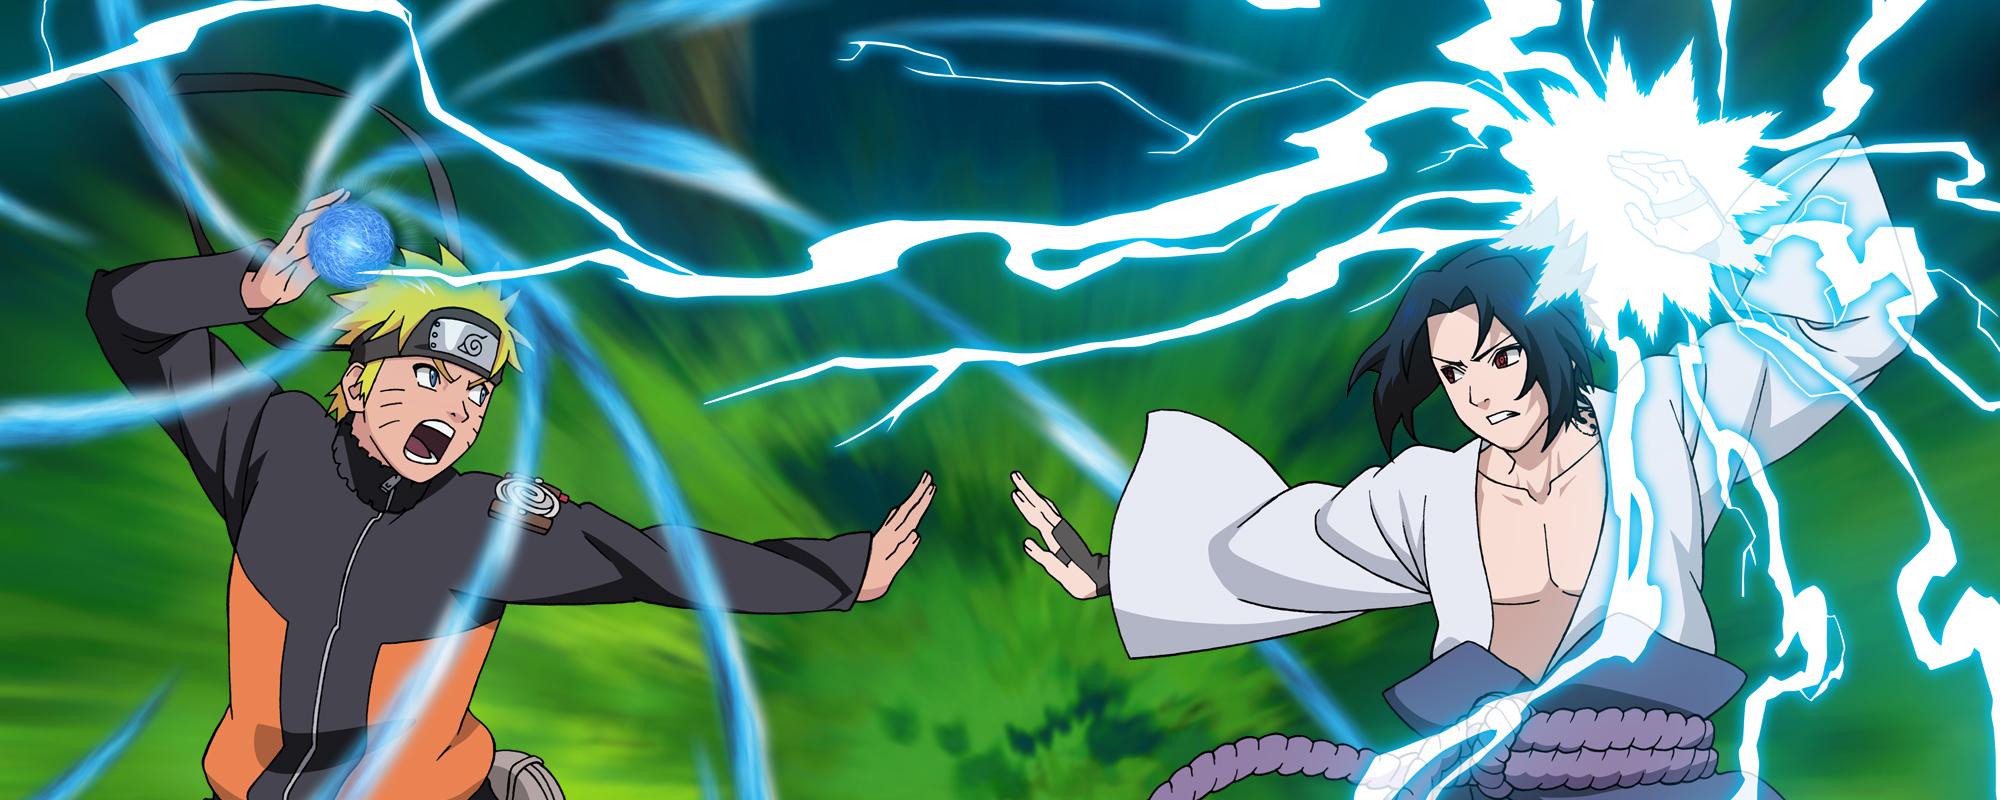 Naruto Shippuden Naruto Vs Sasuke Wallpaper 3 By Maxiuchiha22 On